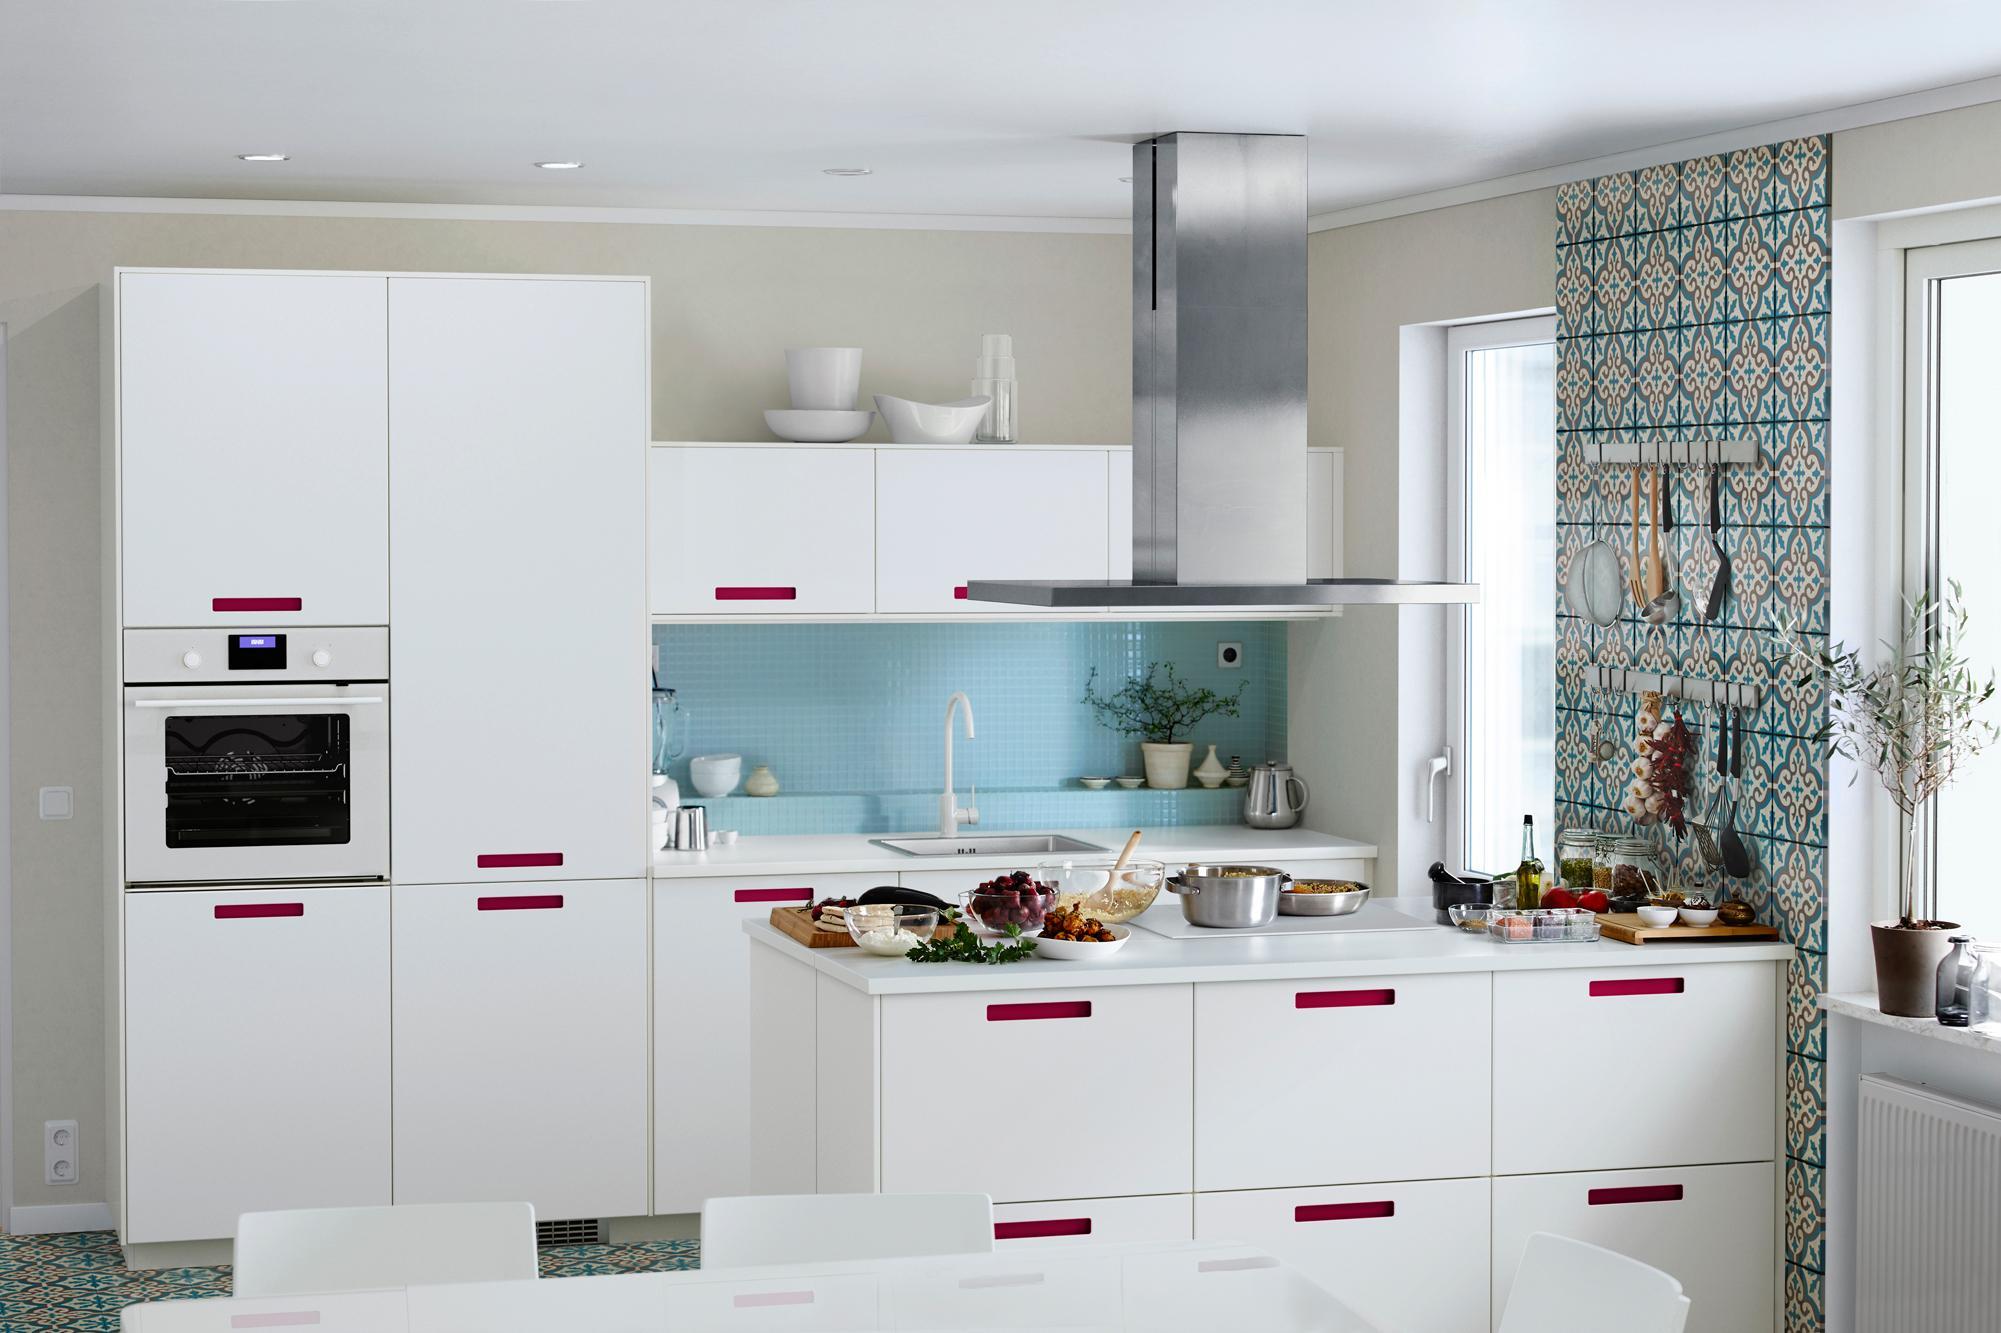 ikea küchen moderne kücheneinrichtung weiße wandfliesen .... casa ...